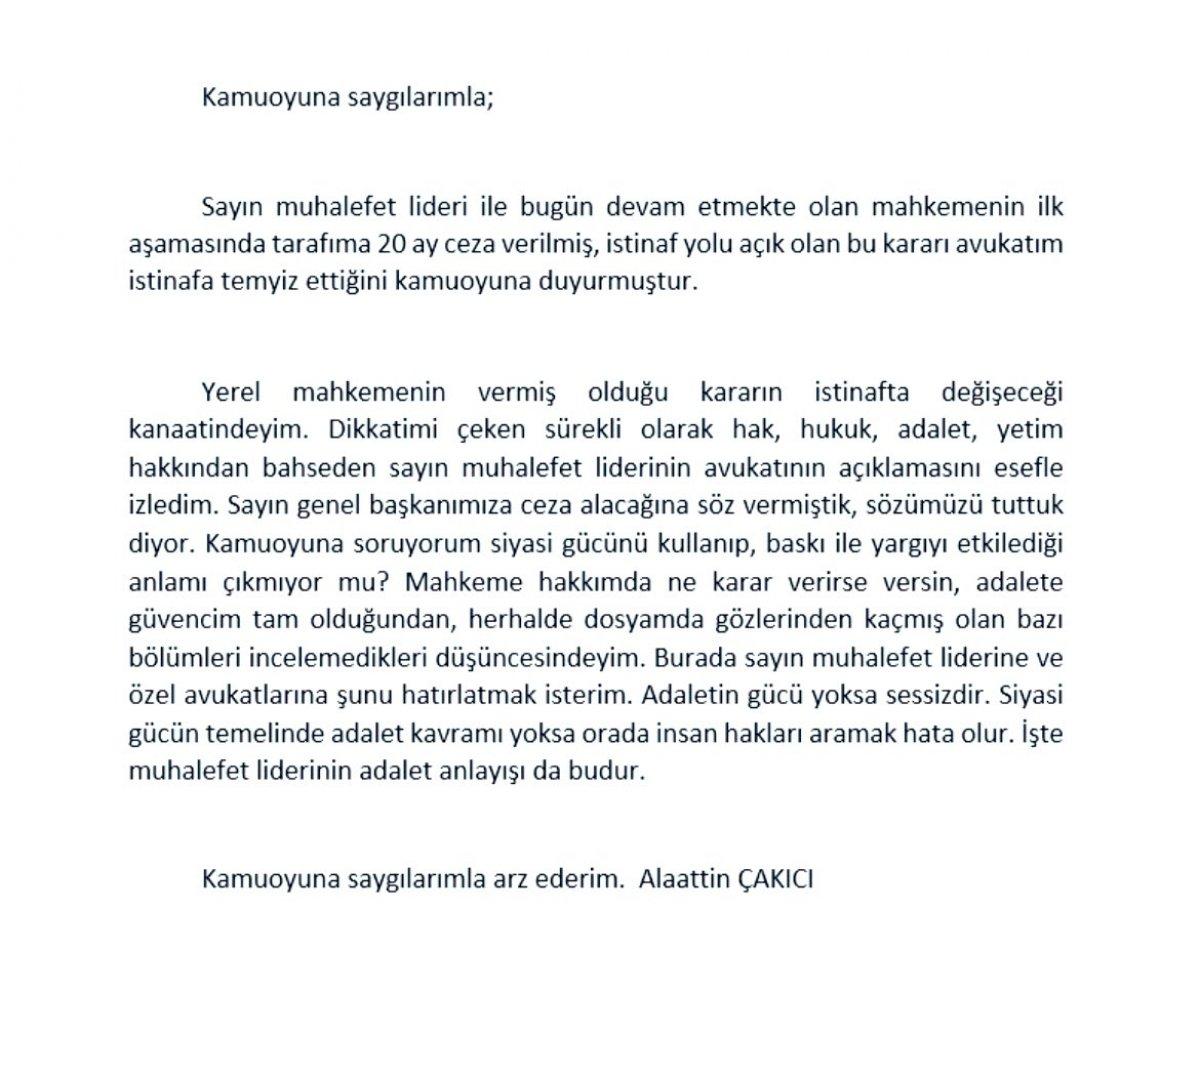 Alaattin Çakıcı ya Kemal Kılıçdaroğlu na hakaretten hapis cezası #2